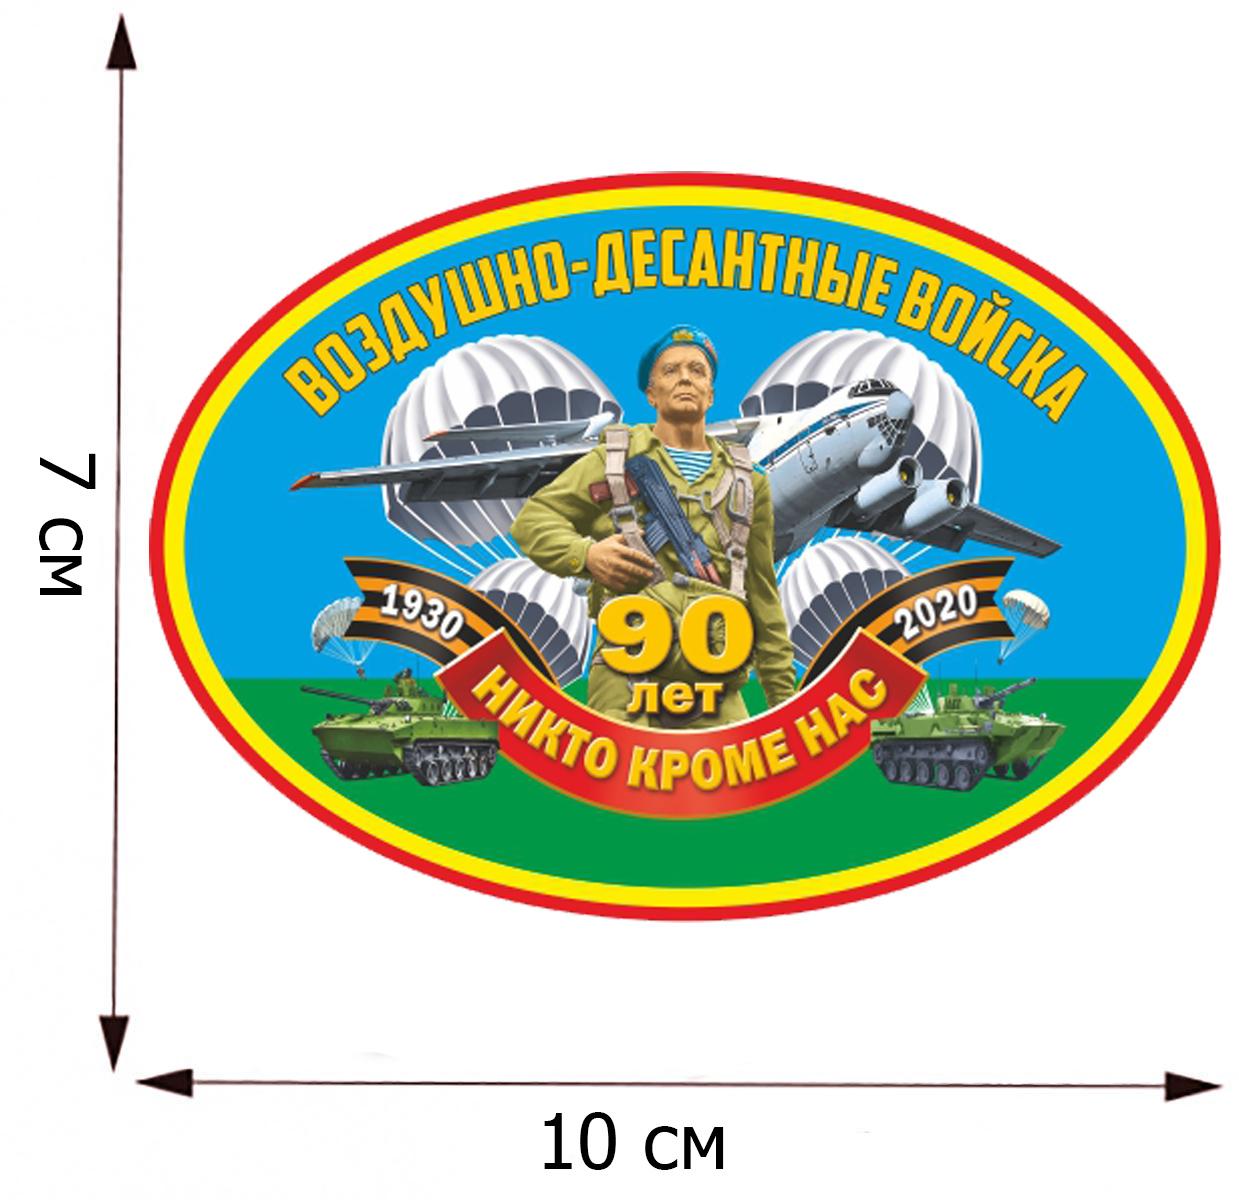 Наклейка с размером